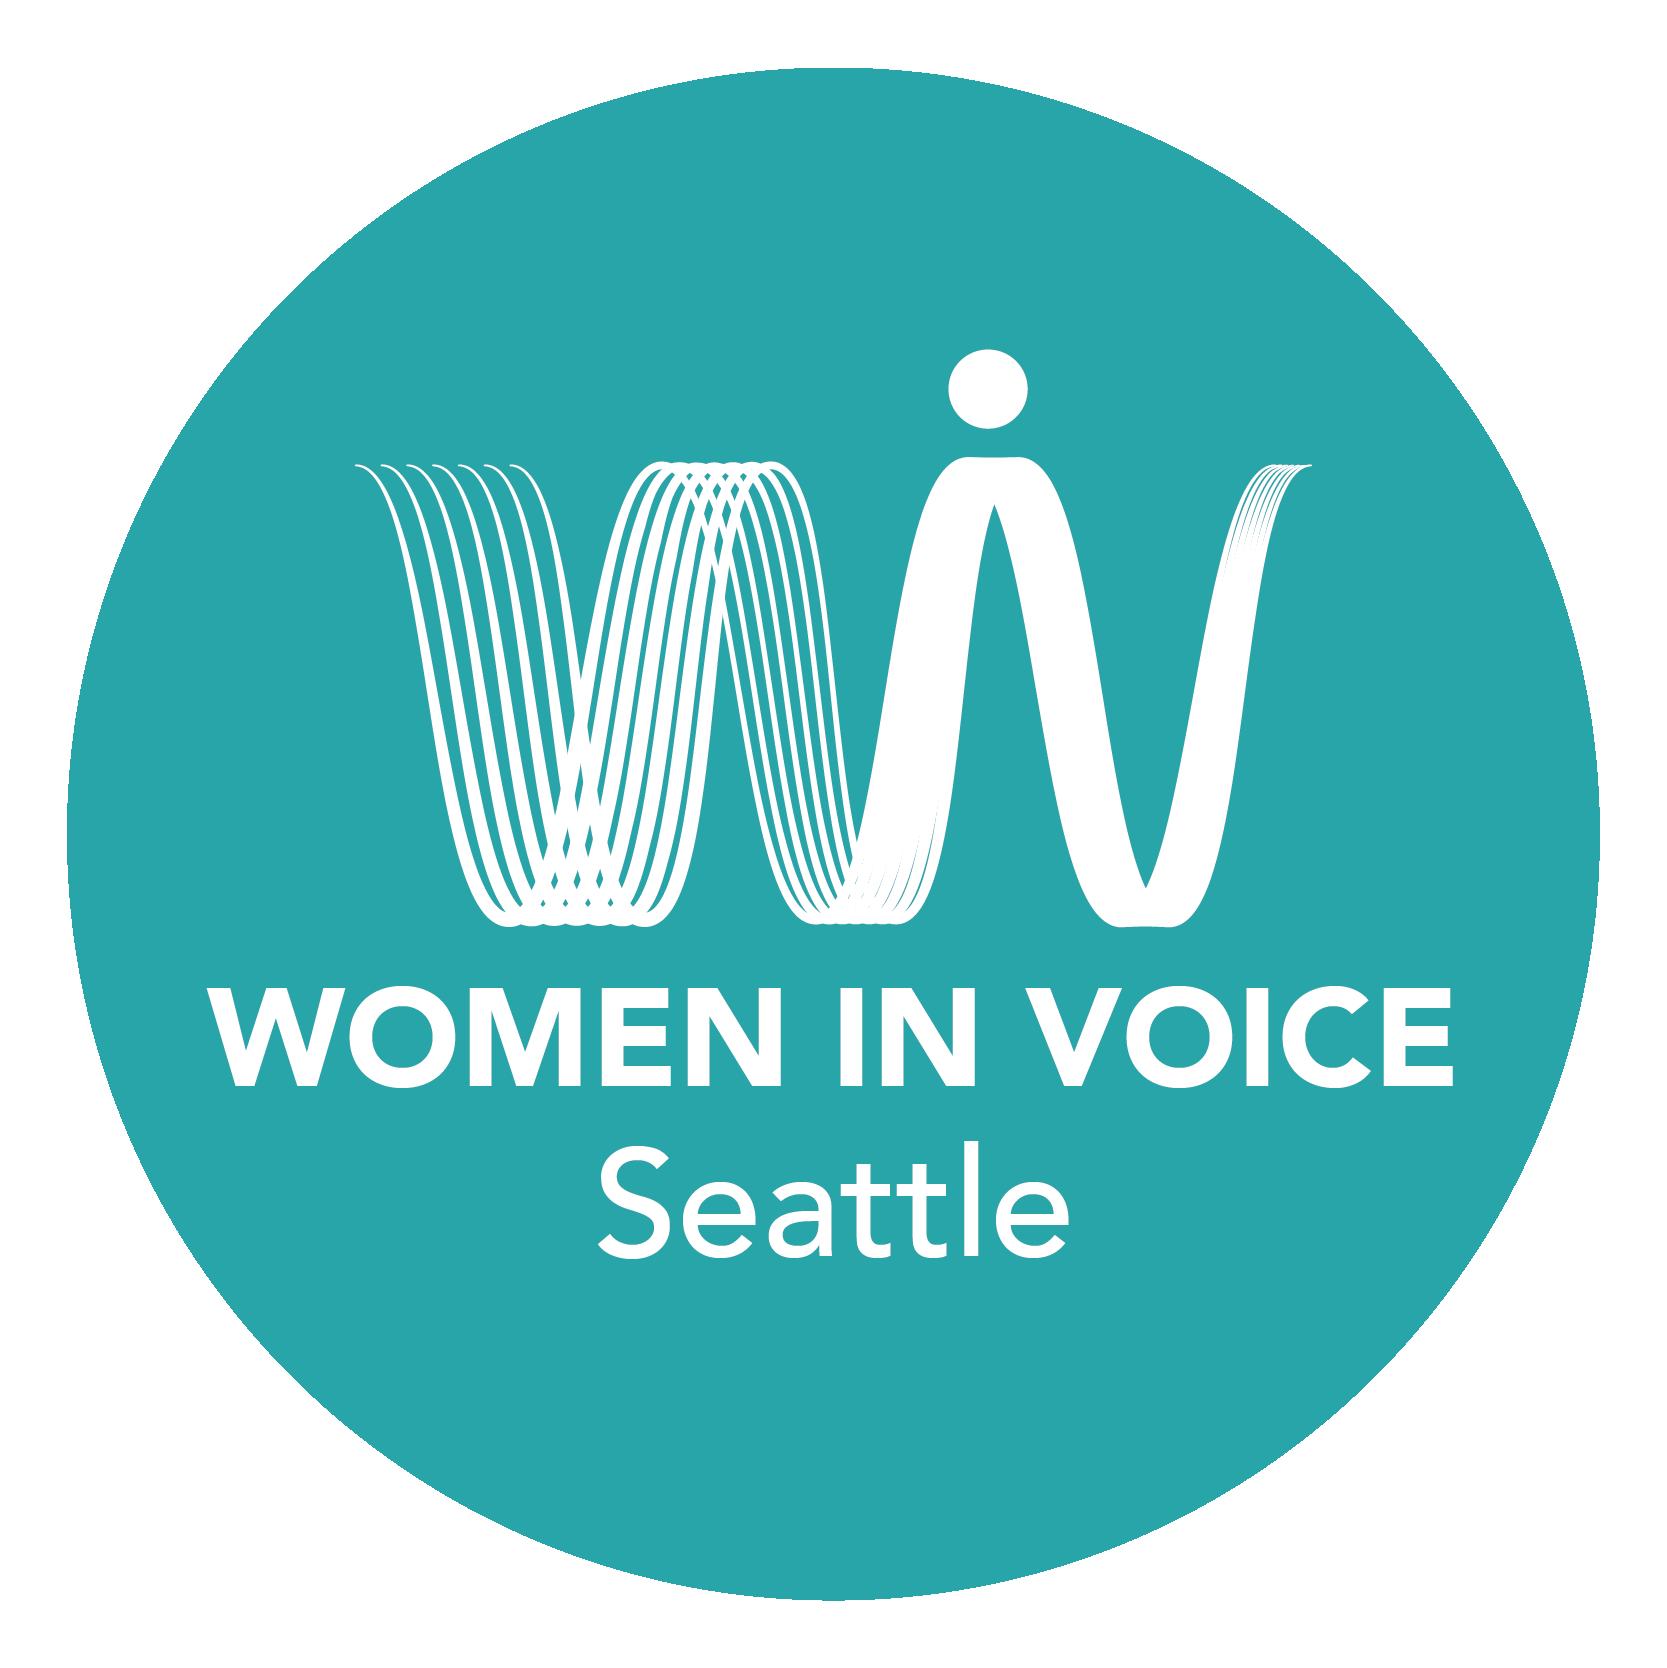 Women in Voice Seattle Logo